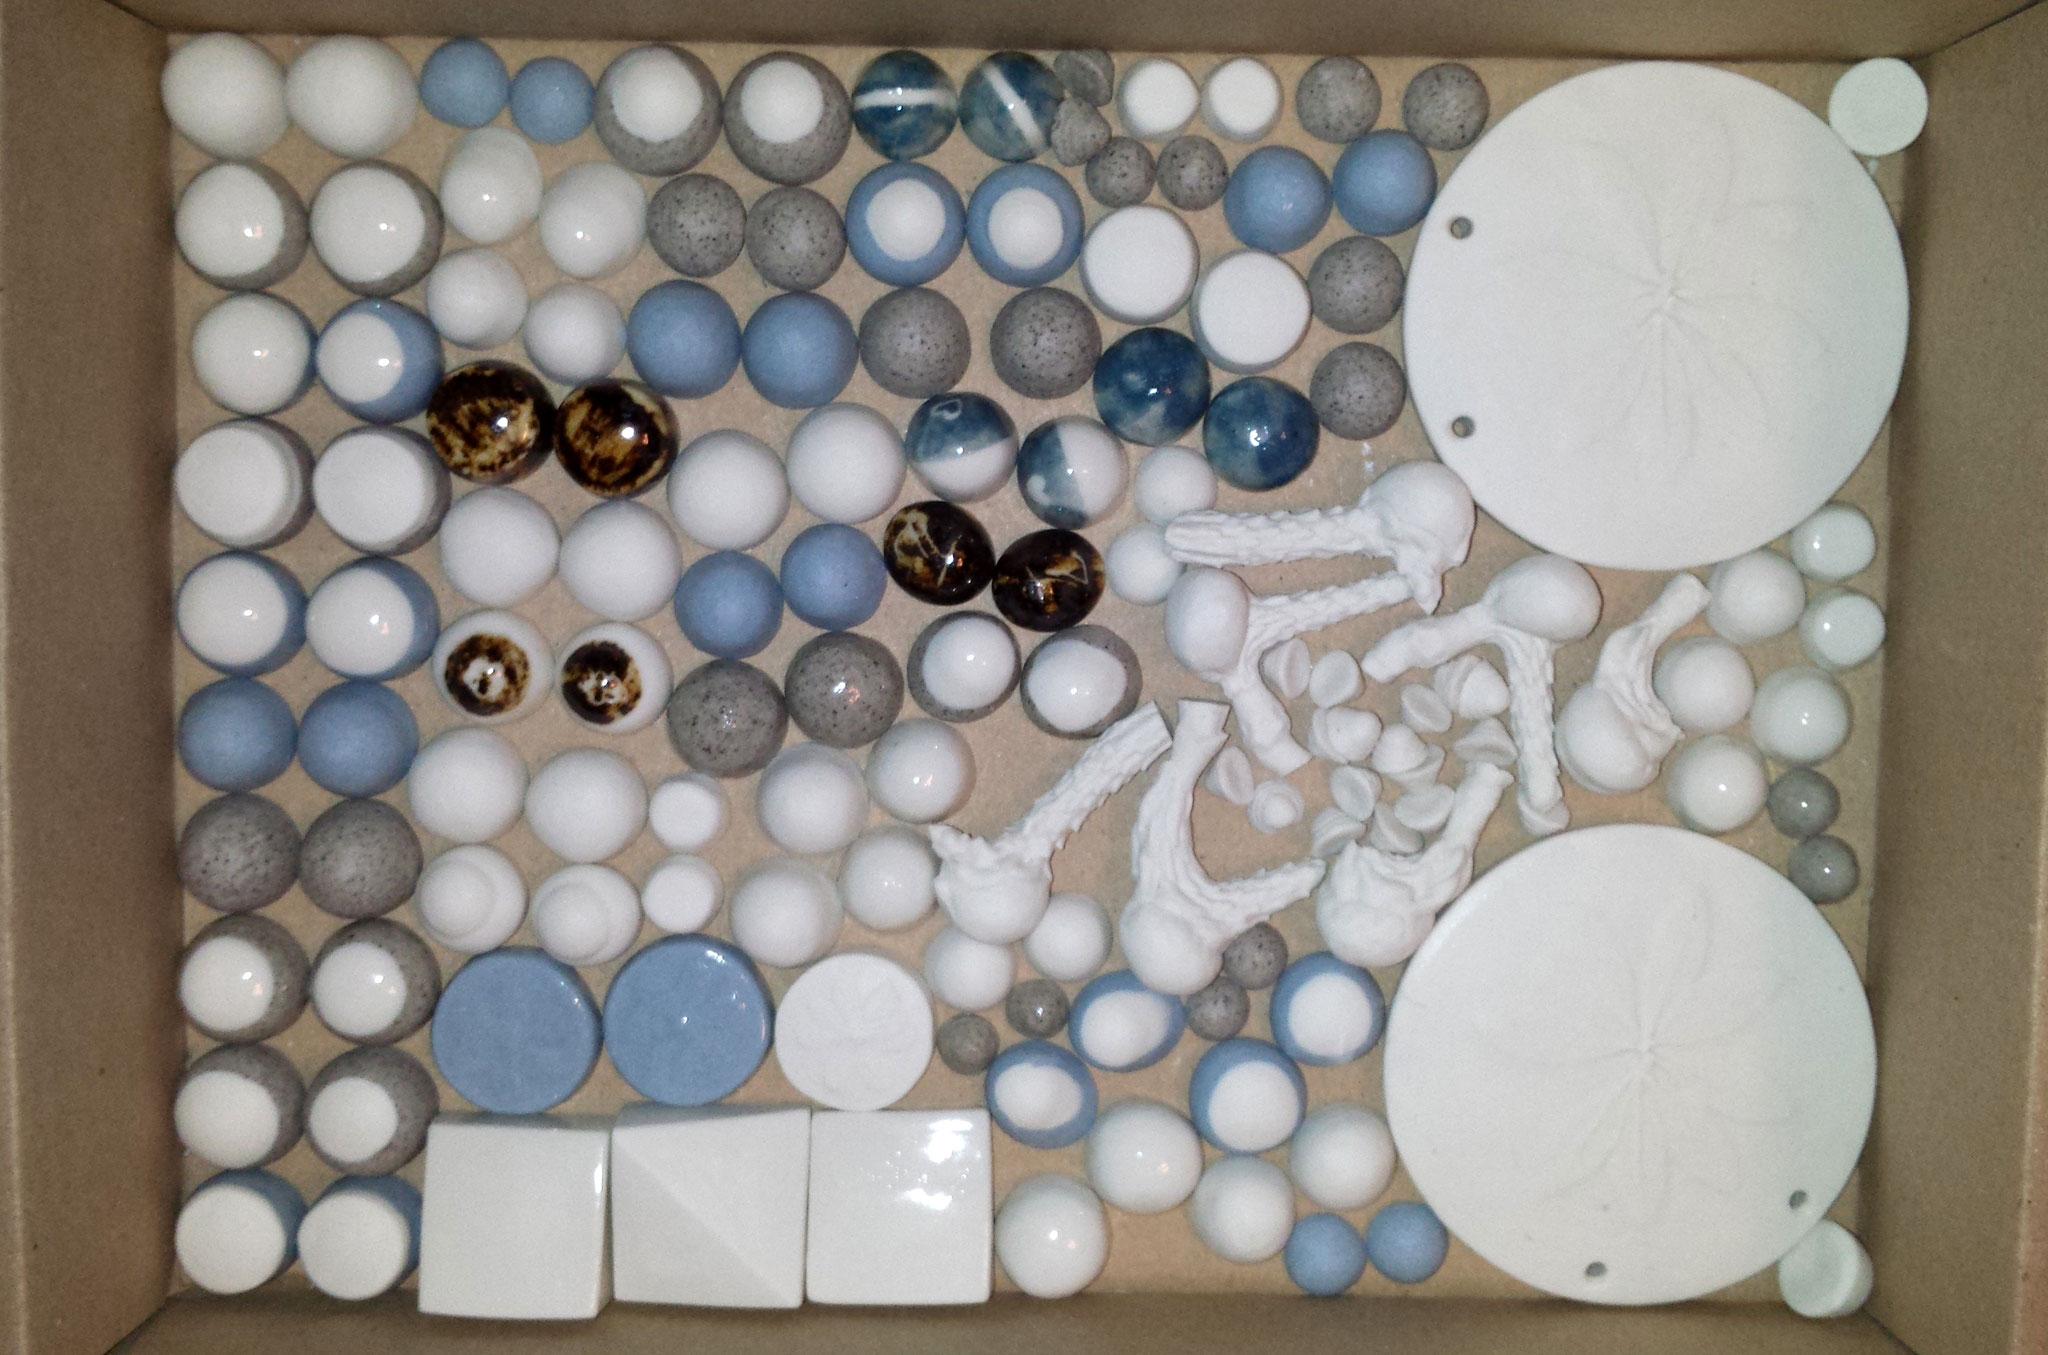 gefärbte Porzellan-Inlays, z.B. für Manschettenknöpfe